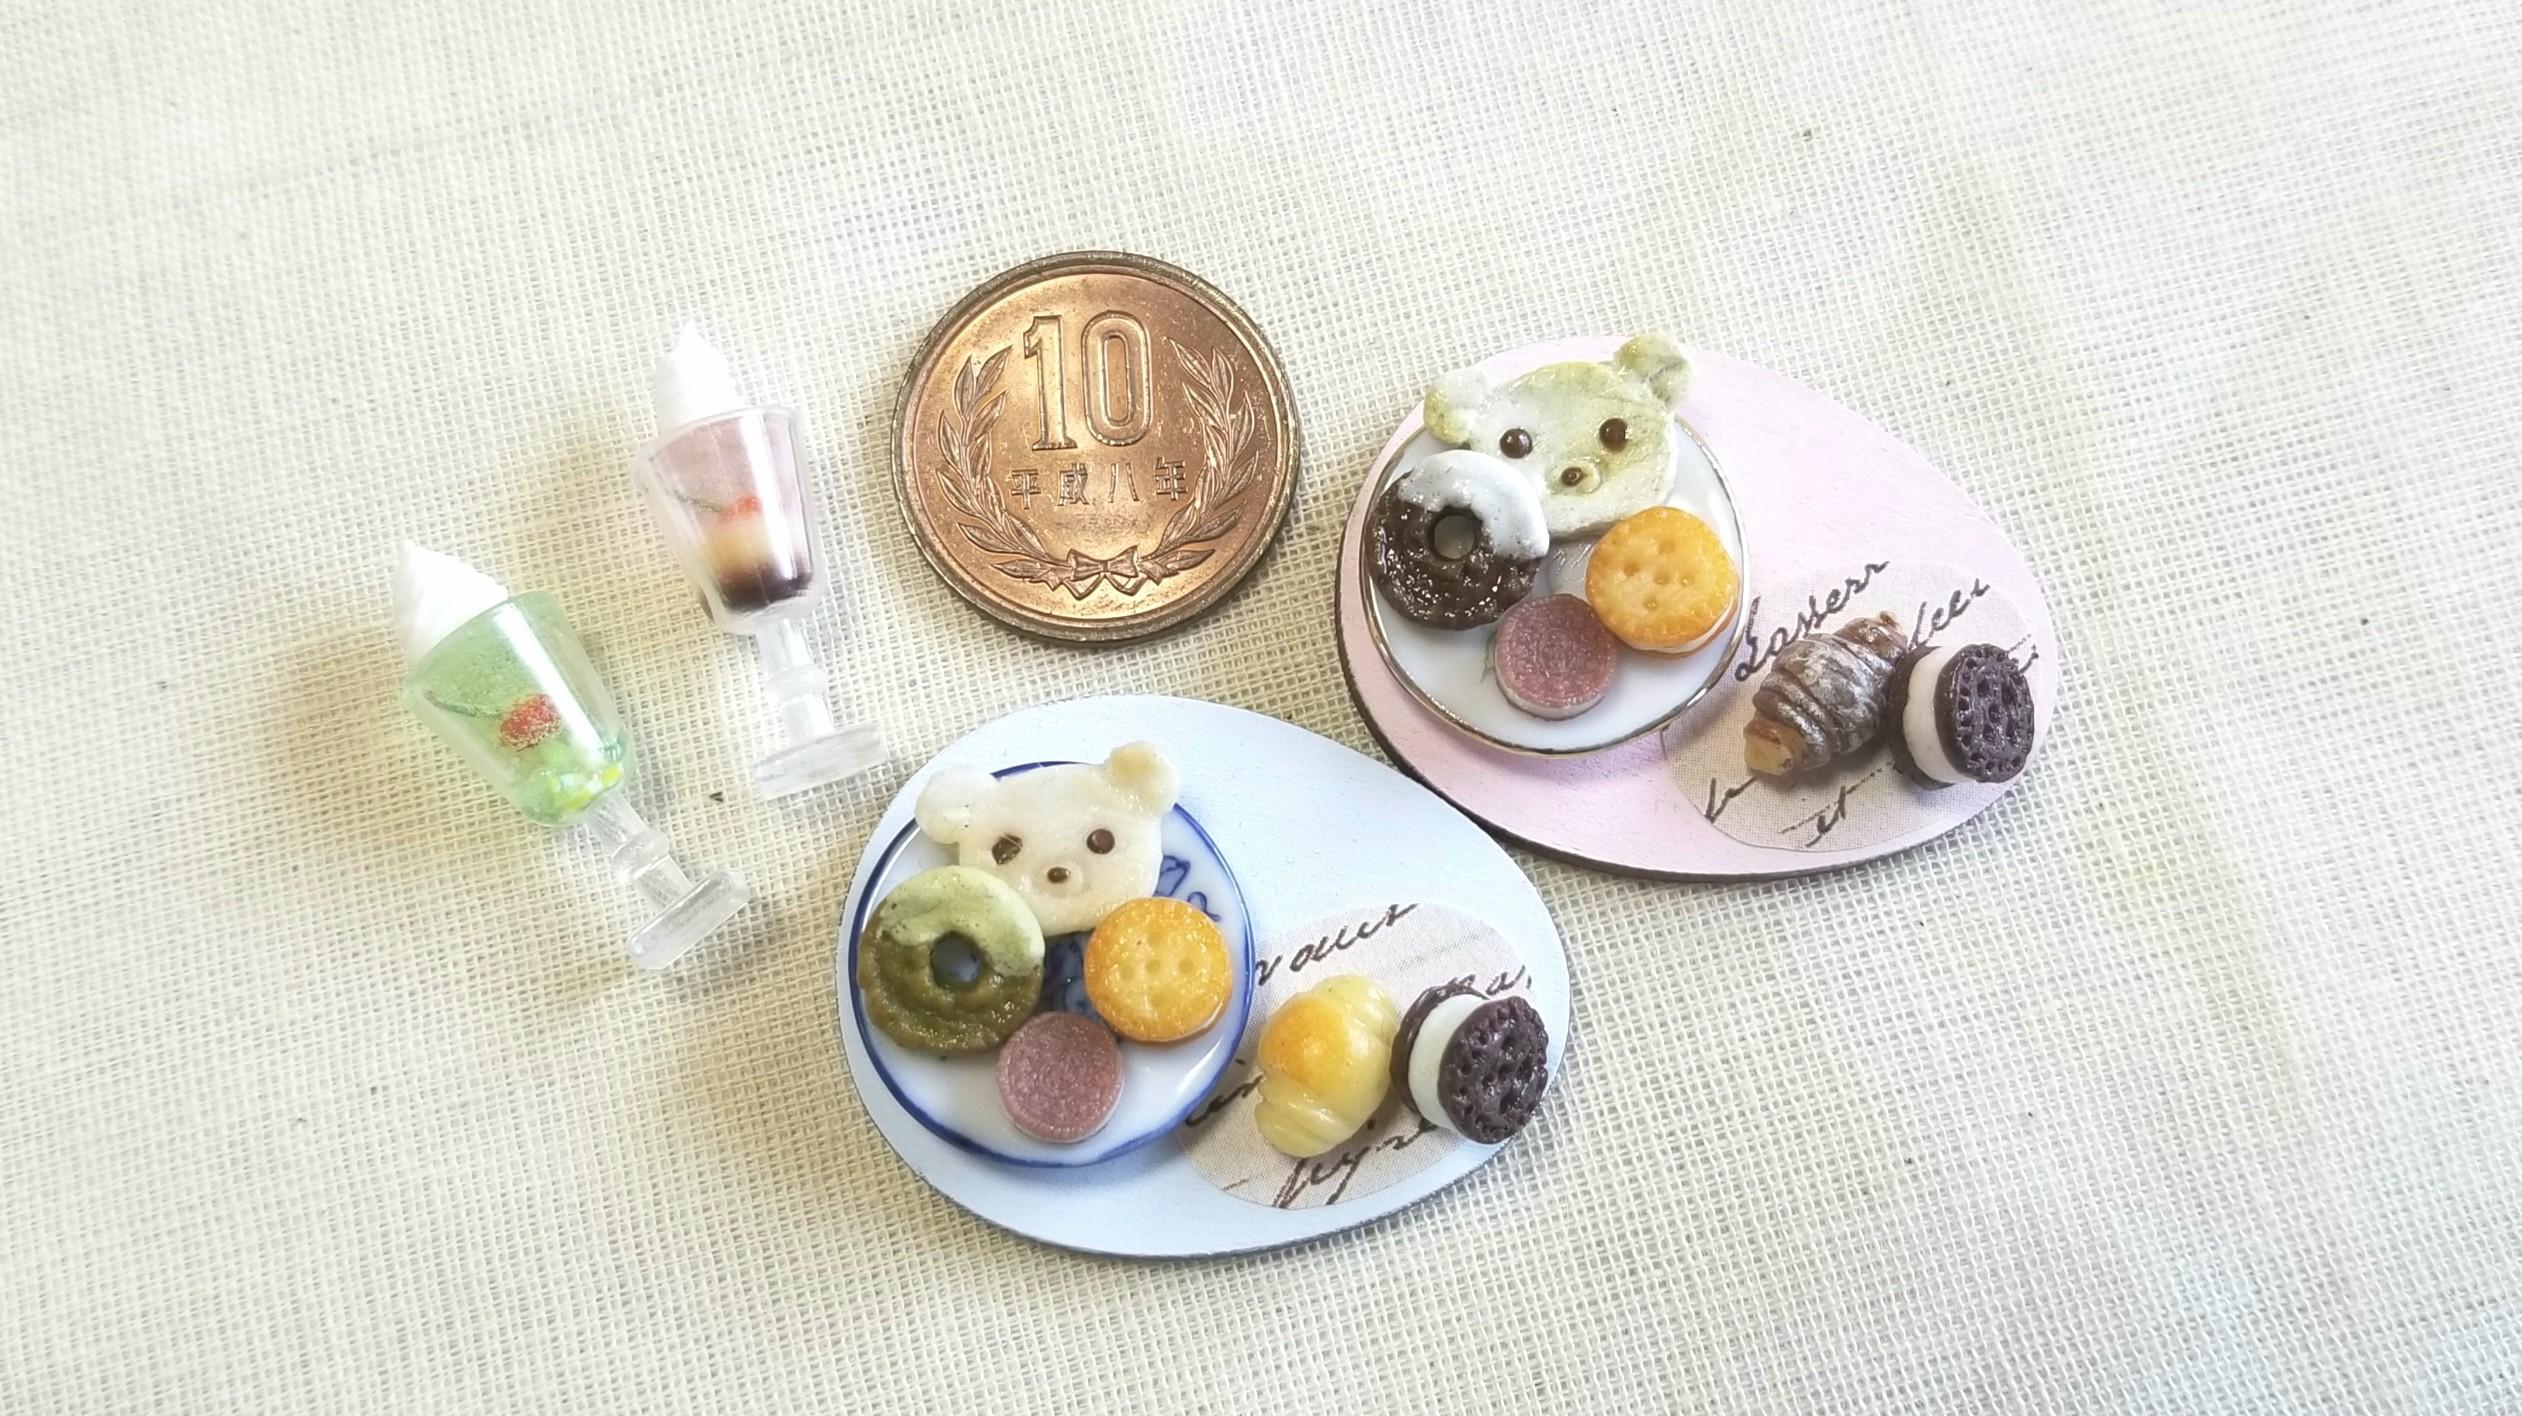 ミニチュア樹脂粘土,小さな可愛いスイーツお菓子,ハンドメイド小物